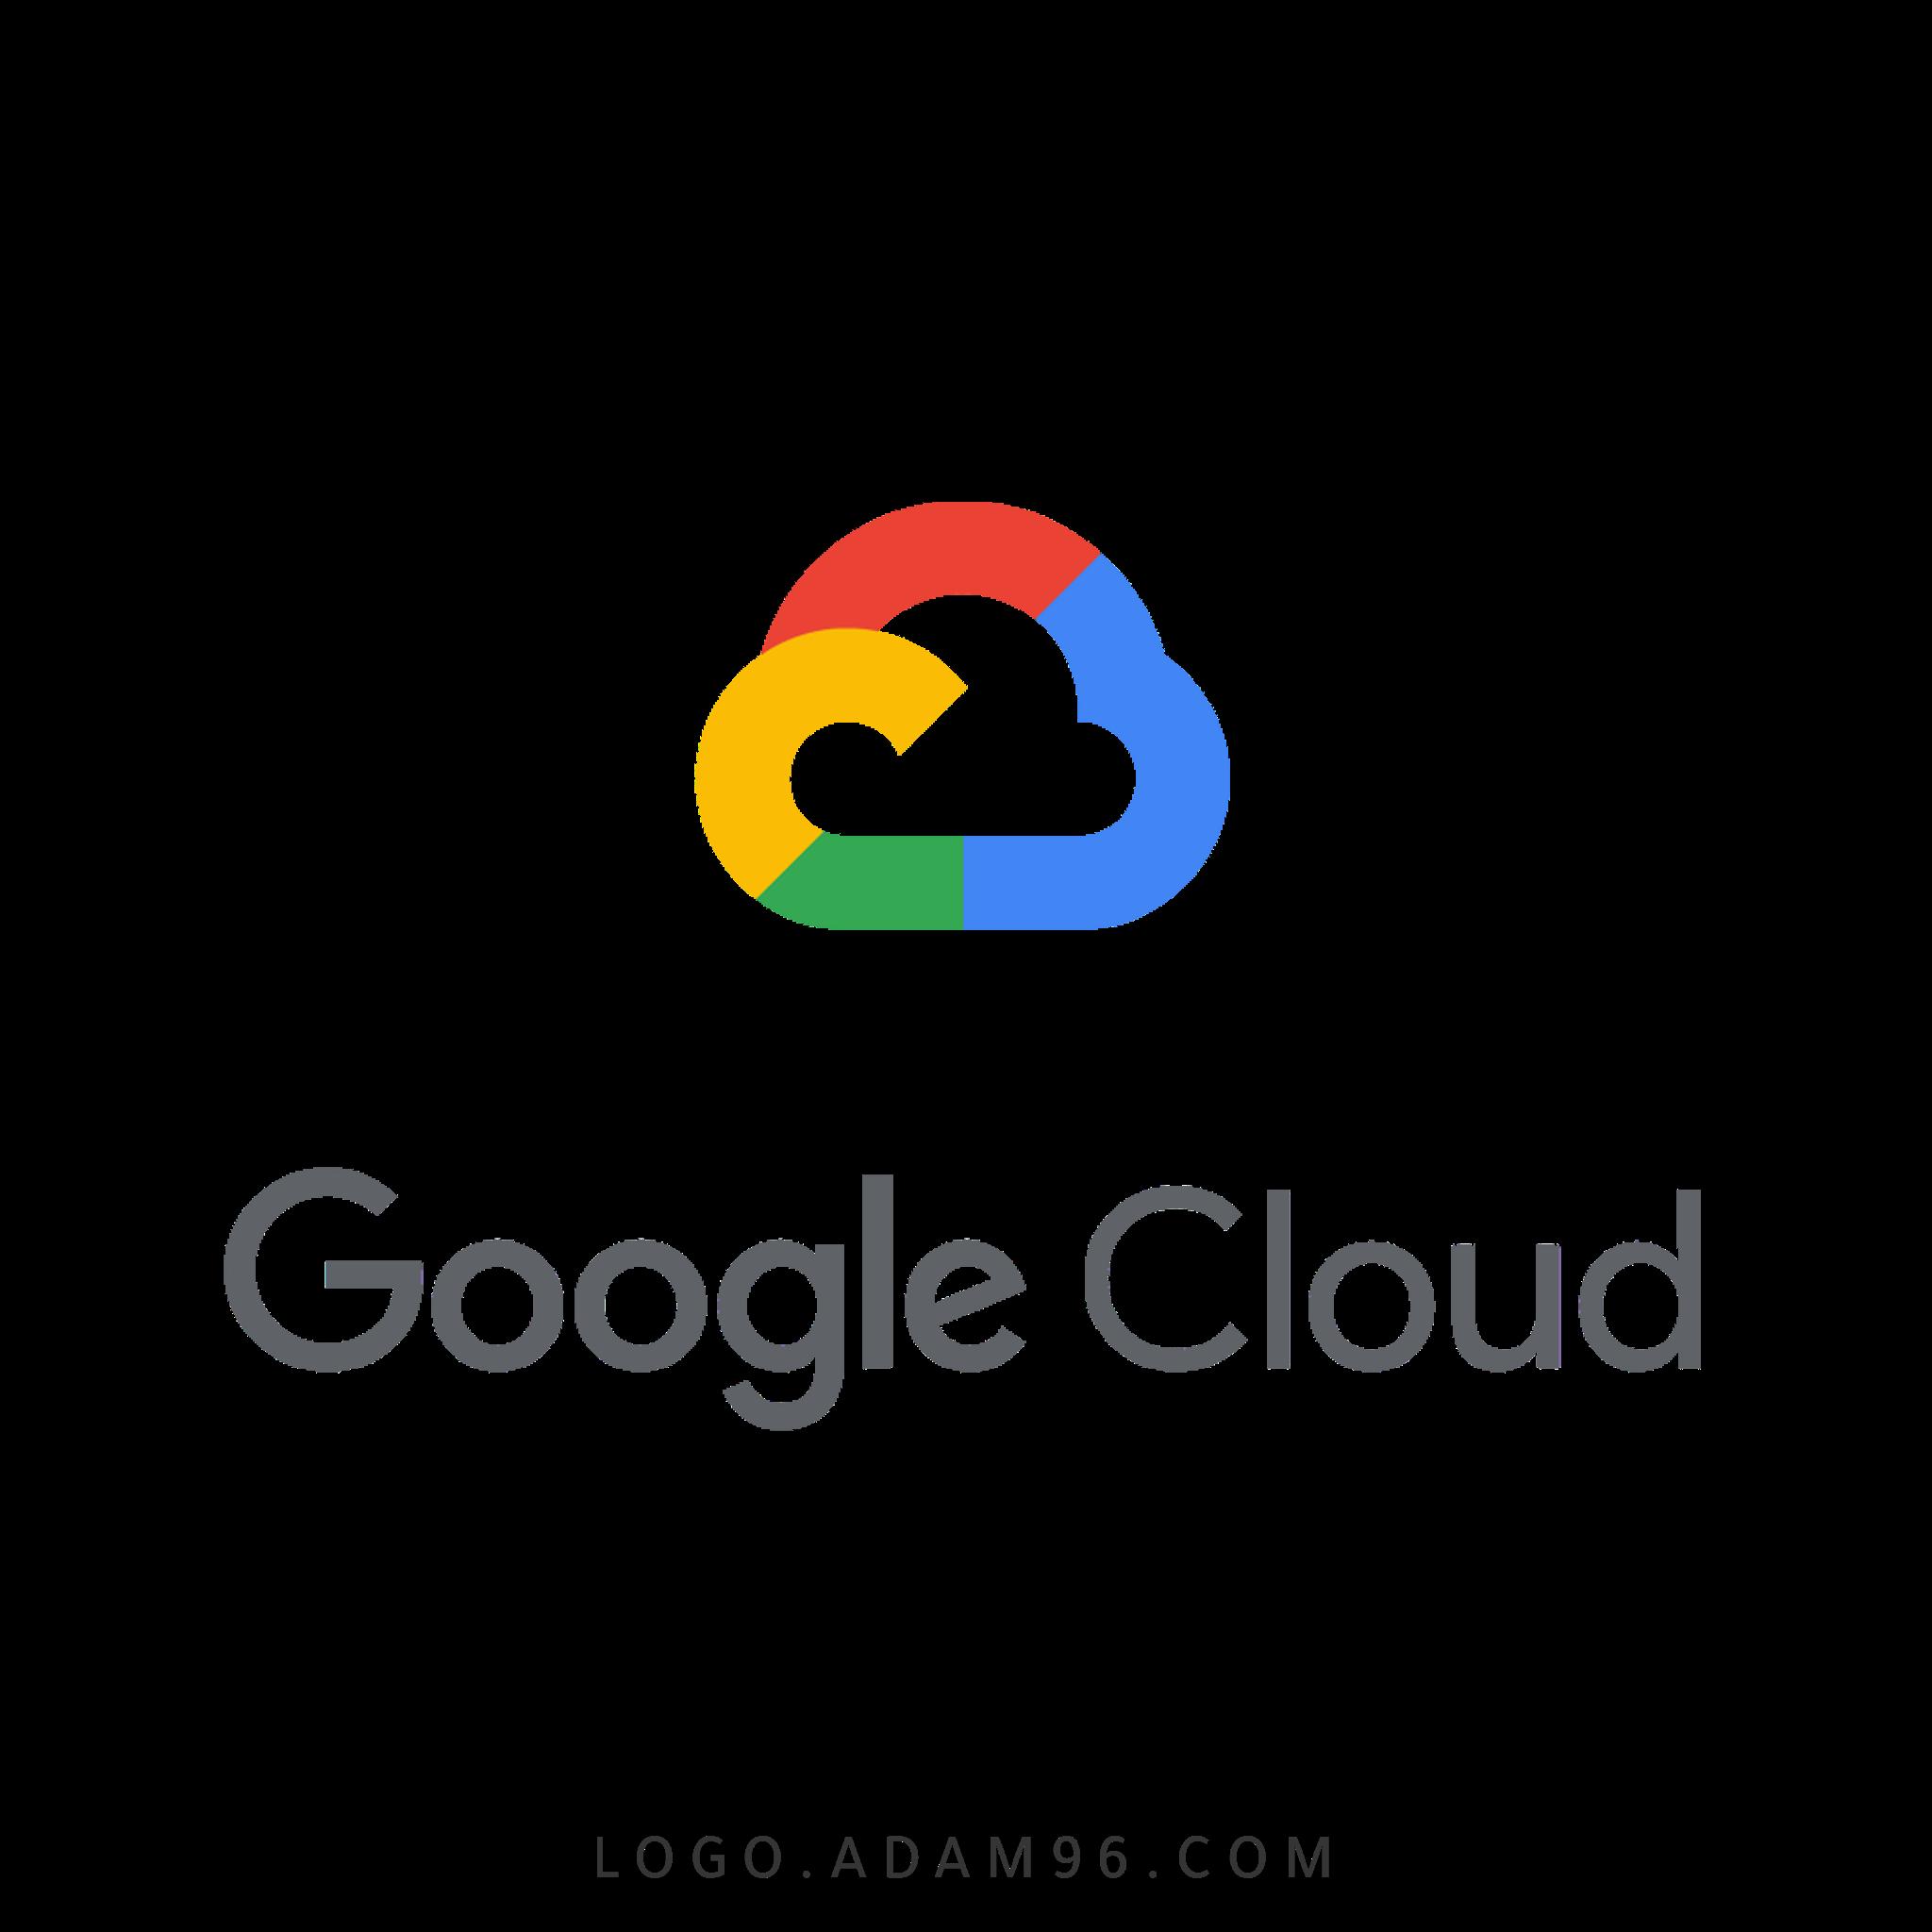 تحميل شعار منصة جوجل السحابية لوجو رسمي عالي الدقة بصيغة شفافة Logo Google Cloud PNG